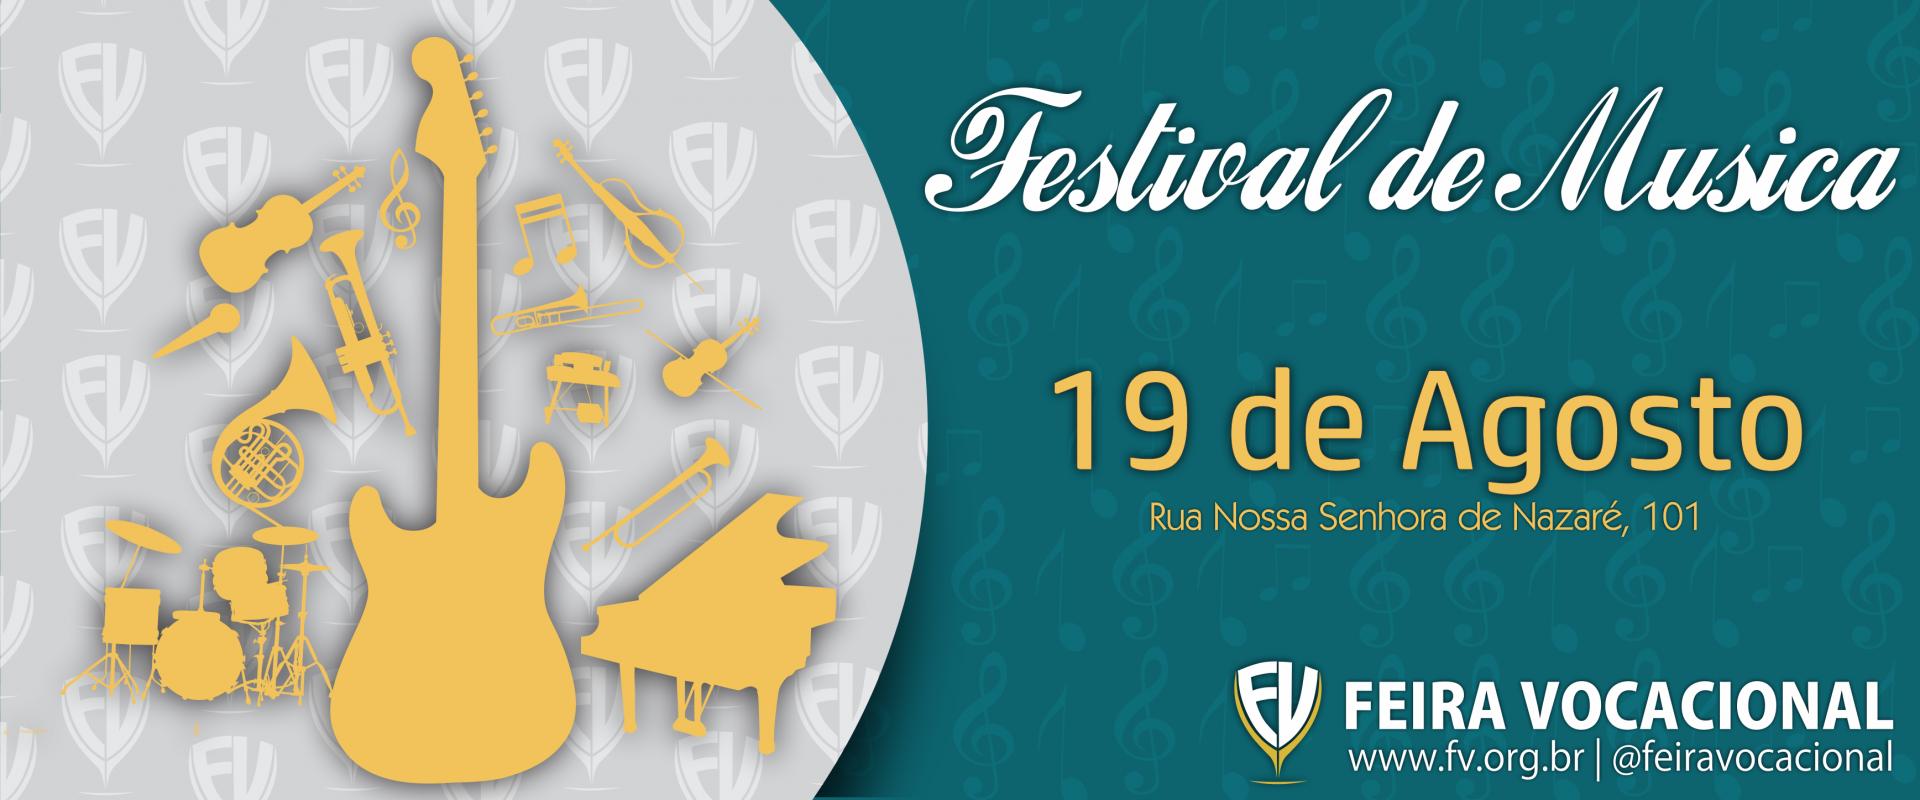 Permalink to: Festival de Música